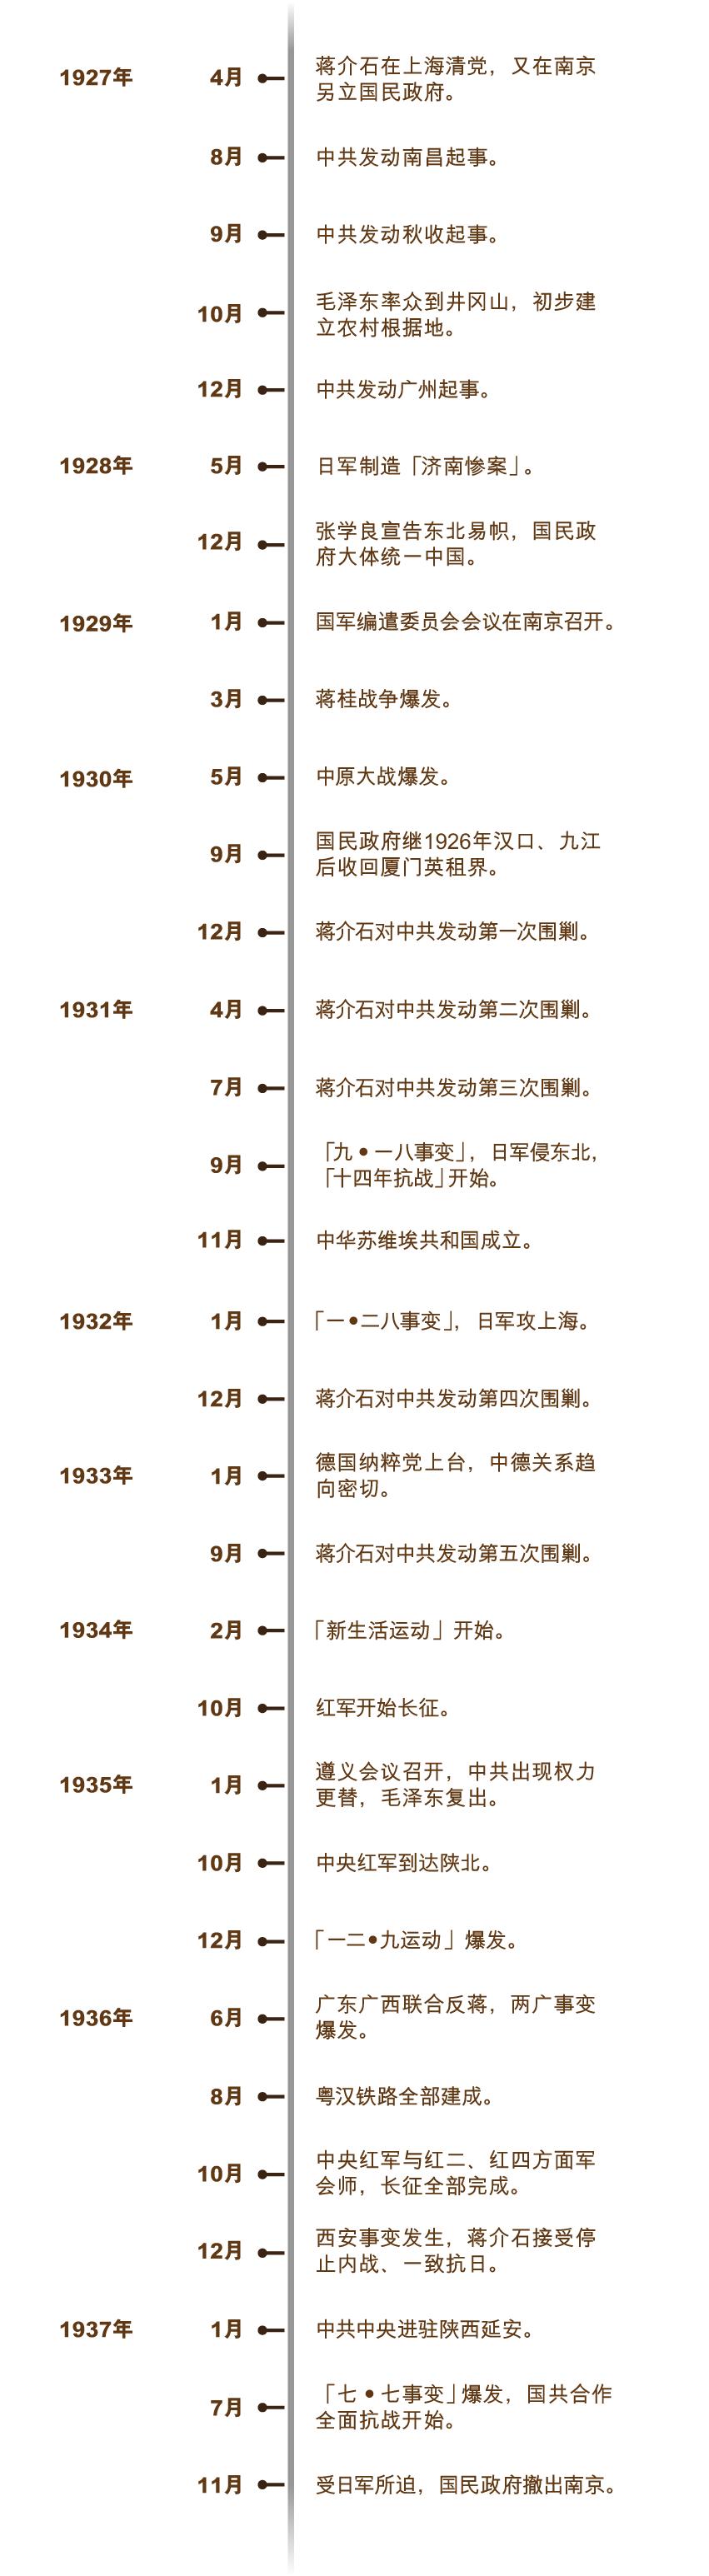 nanjing_timeline_750x715_v1_sc-01